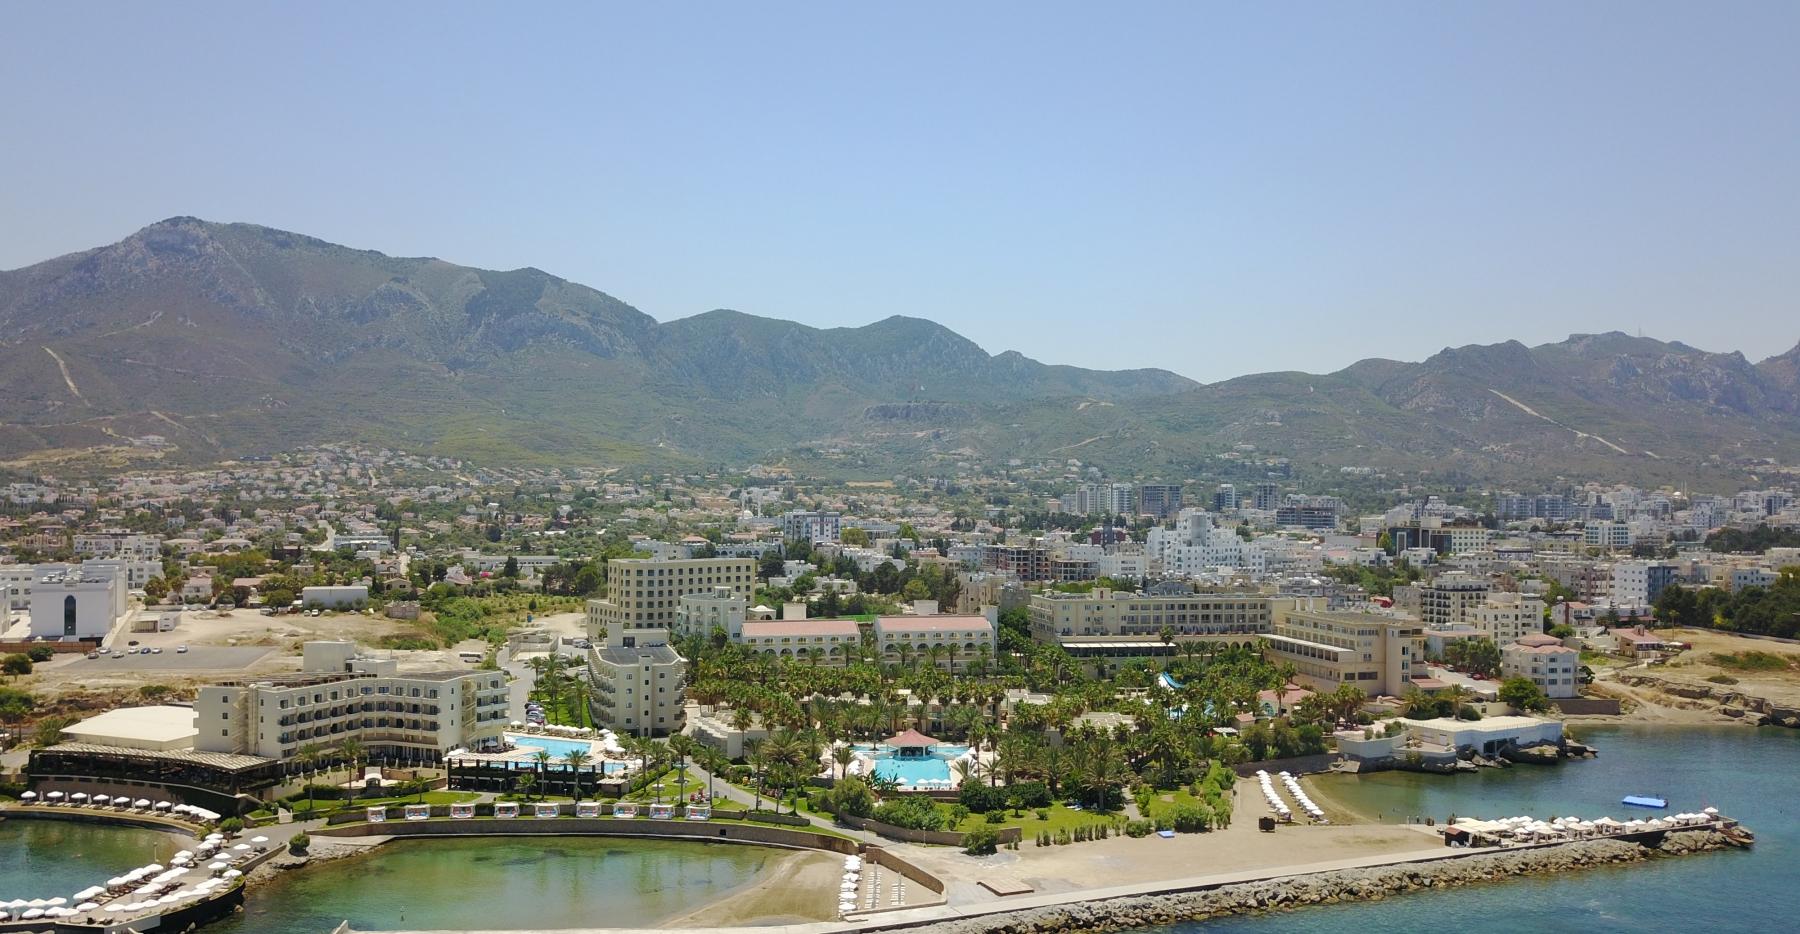 oscar_resort external view